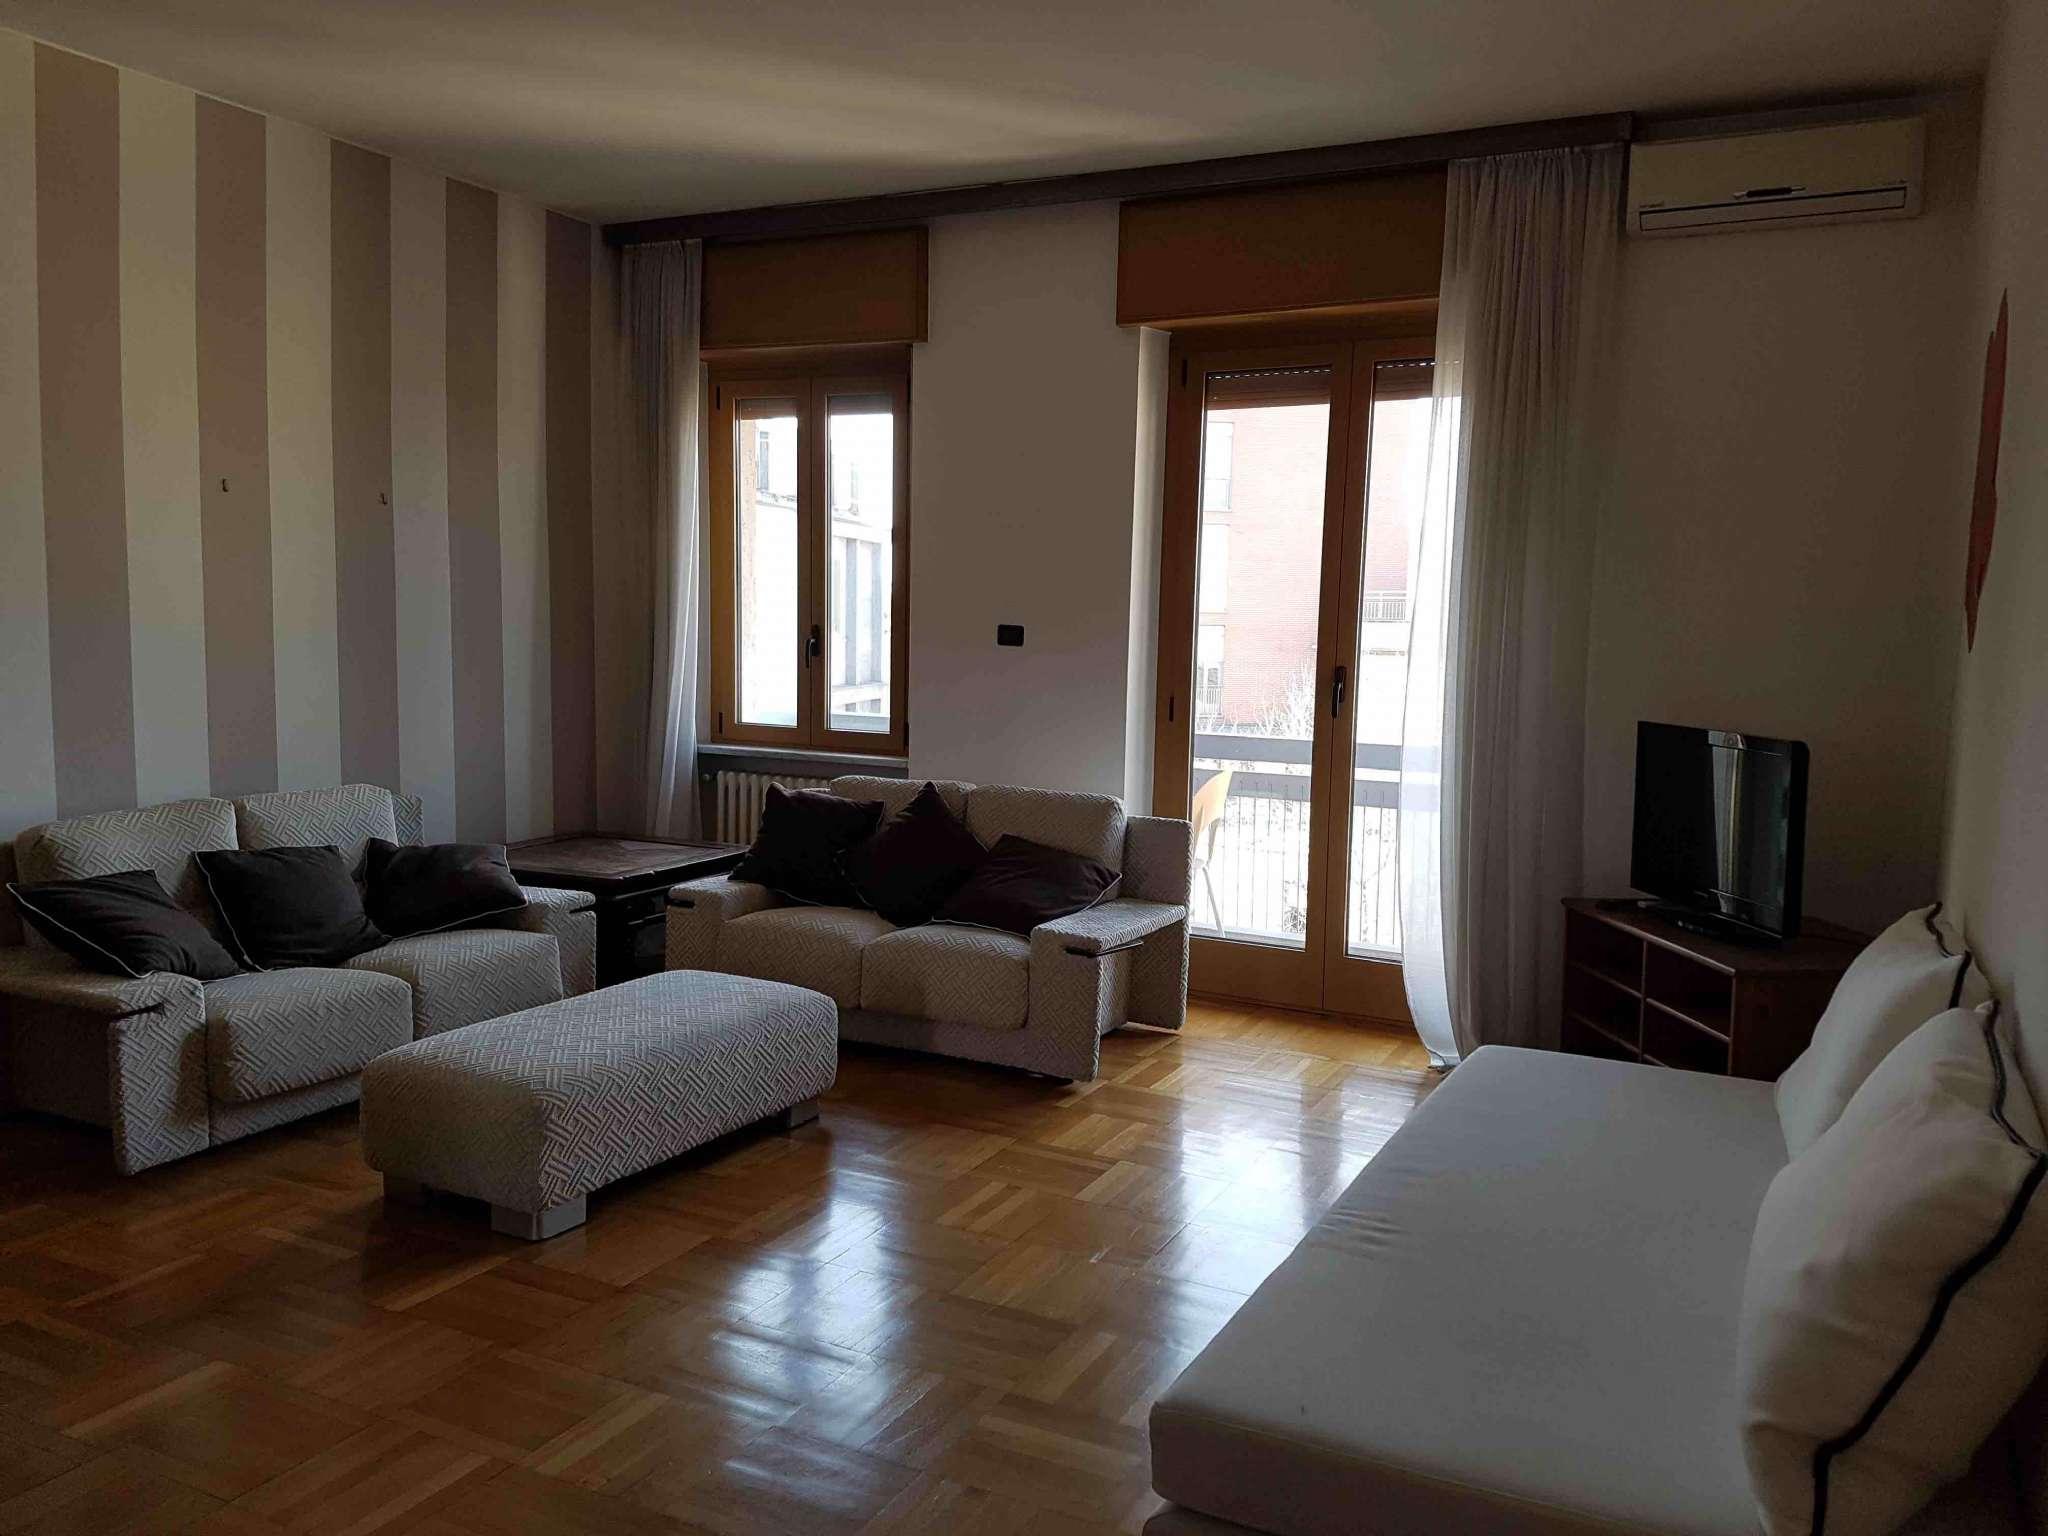 Appartamento in affitto a Milano, 3 locali, zona Zona: 1 . Centro Storico, Duomo, Brera, Cadorna, Cattolica, prezzo € 2.250 | Cambio Casa.it